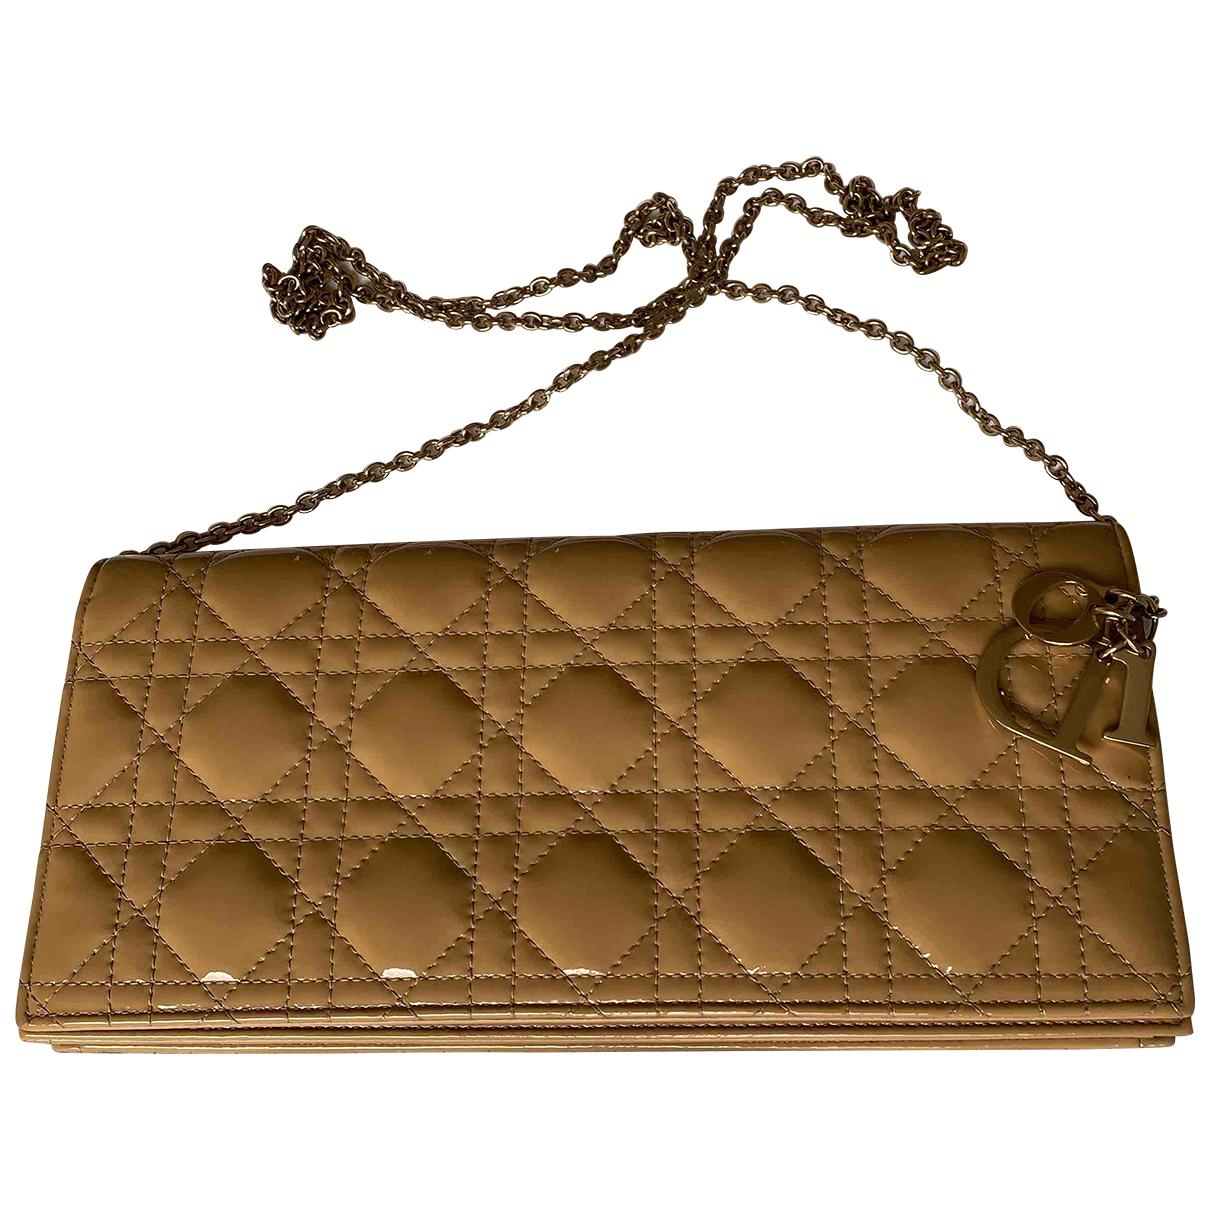 Pochette Lady Dior de Charol Dior